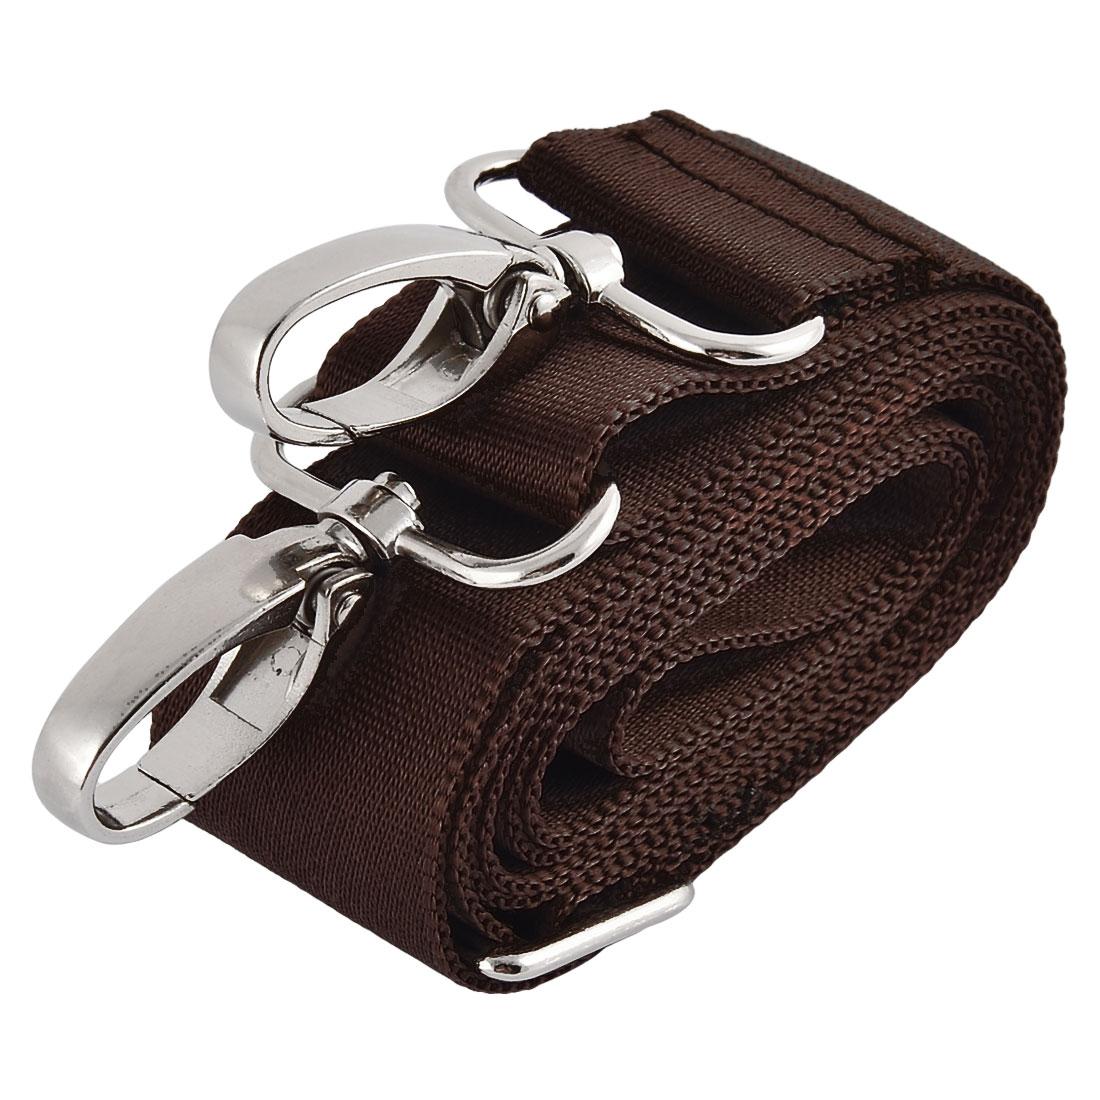 Household Travel Nylon Adjustable Shoulder Strap Suitcase Belt Sling Coffee Color